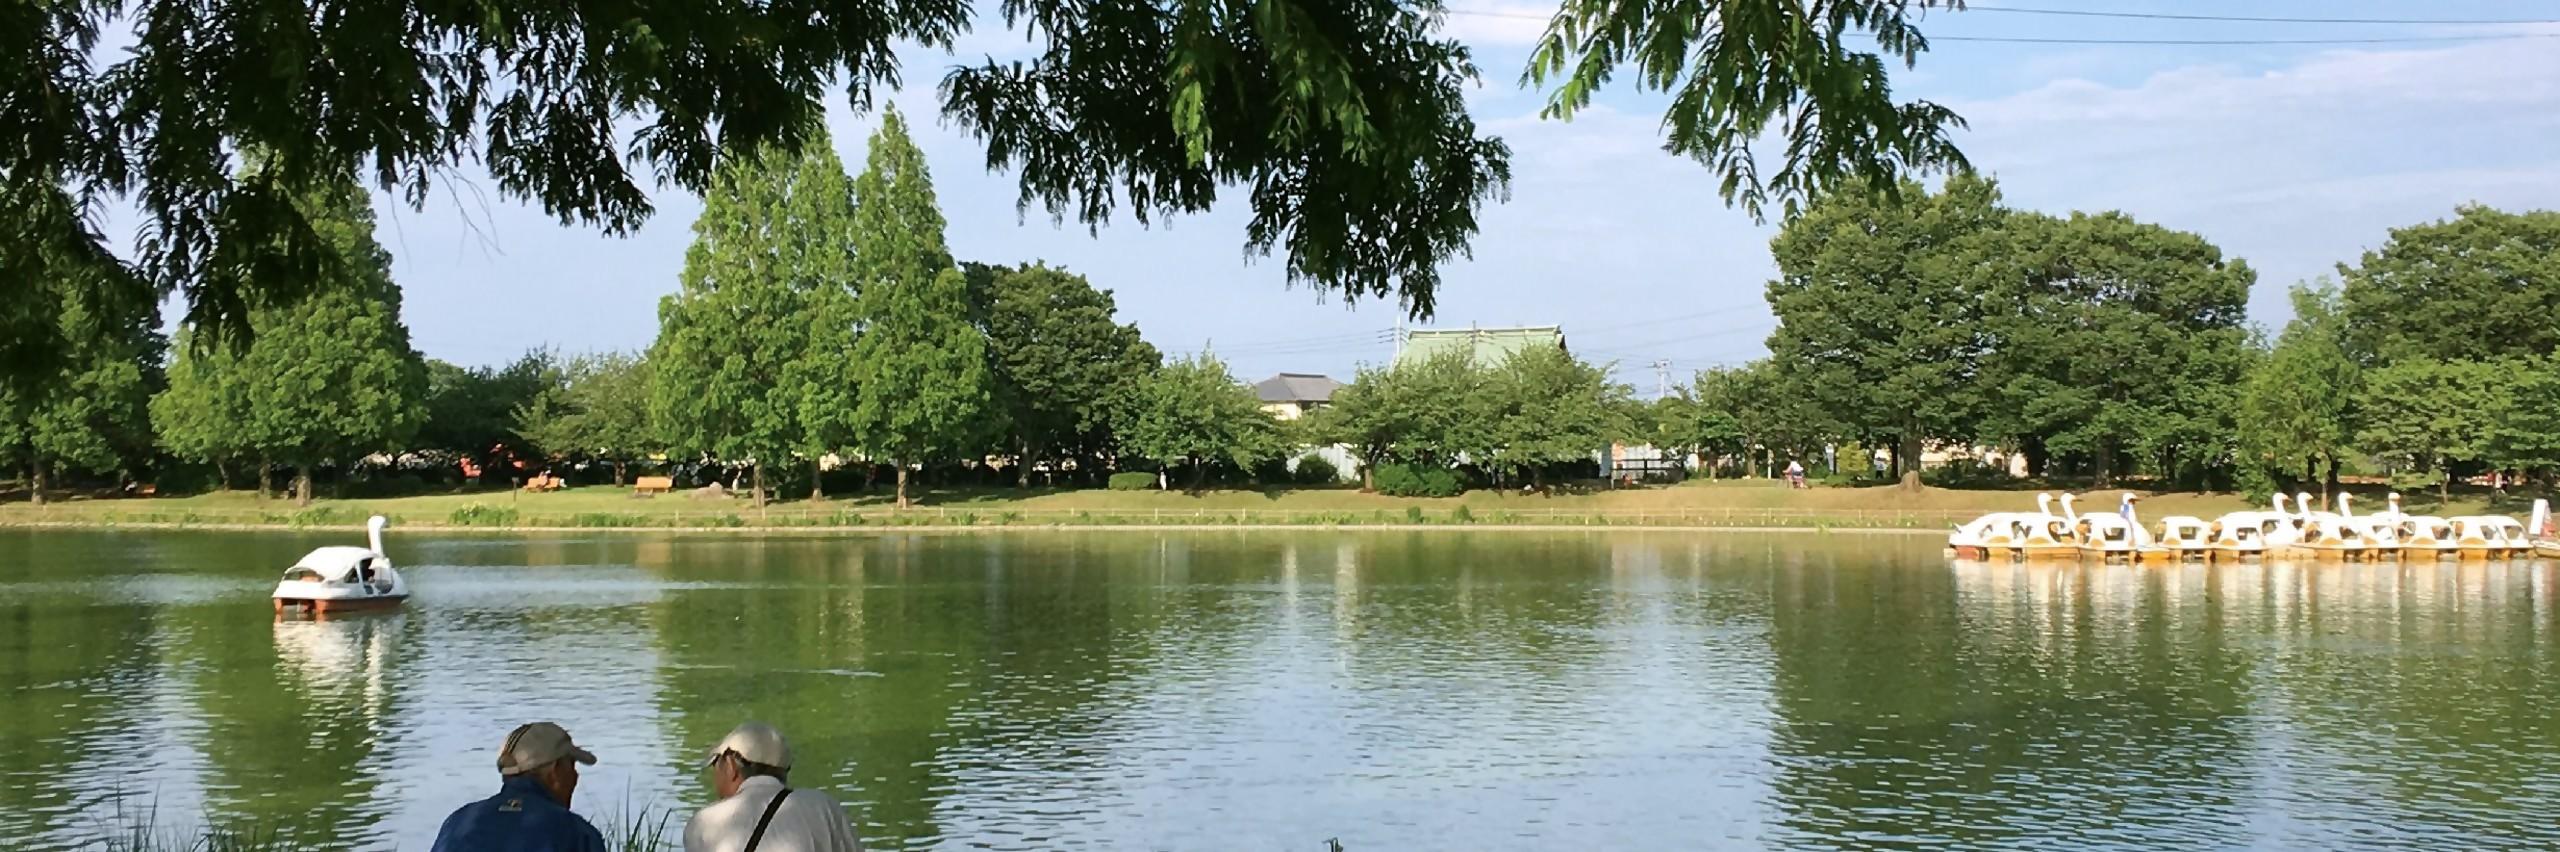 saitama-parks